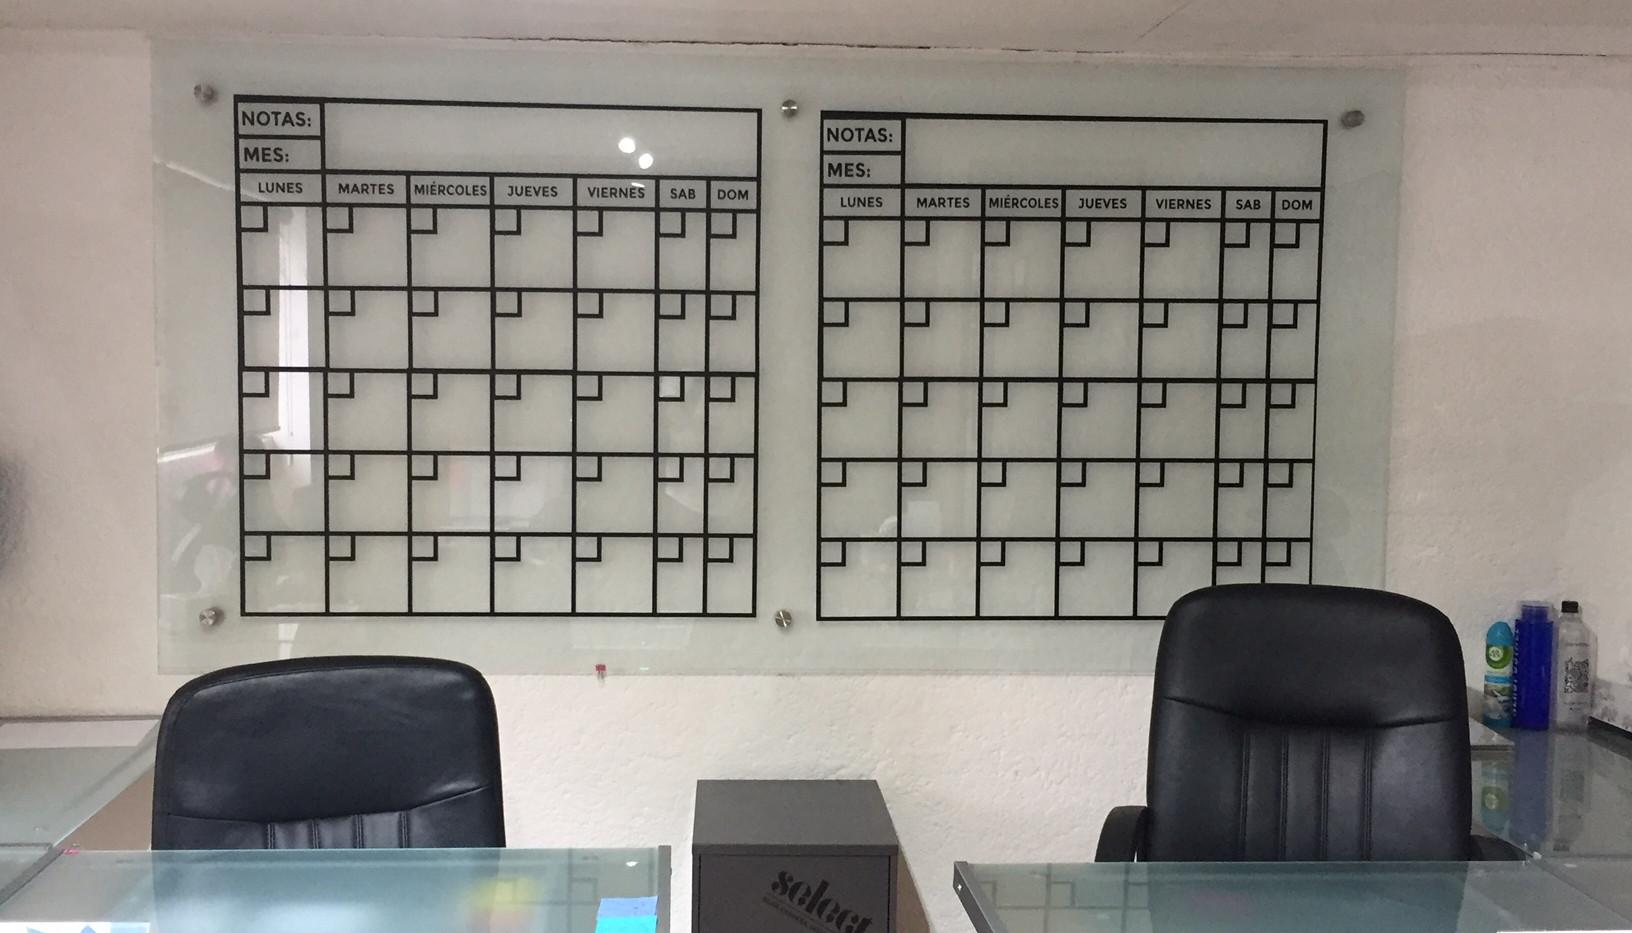 Vinil tipo calendario sobre pizarron Puebla.JPG